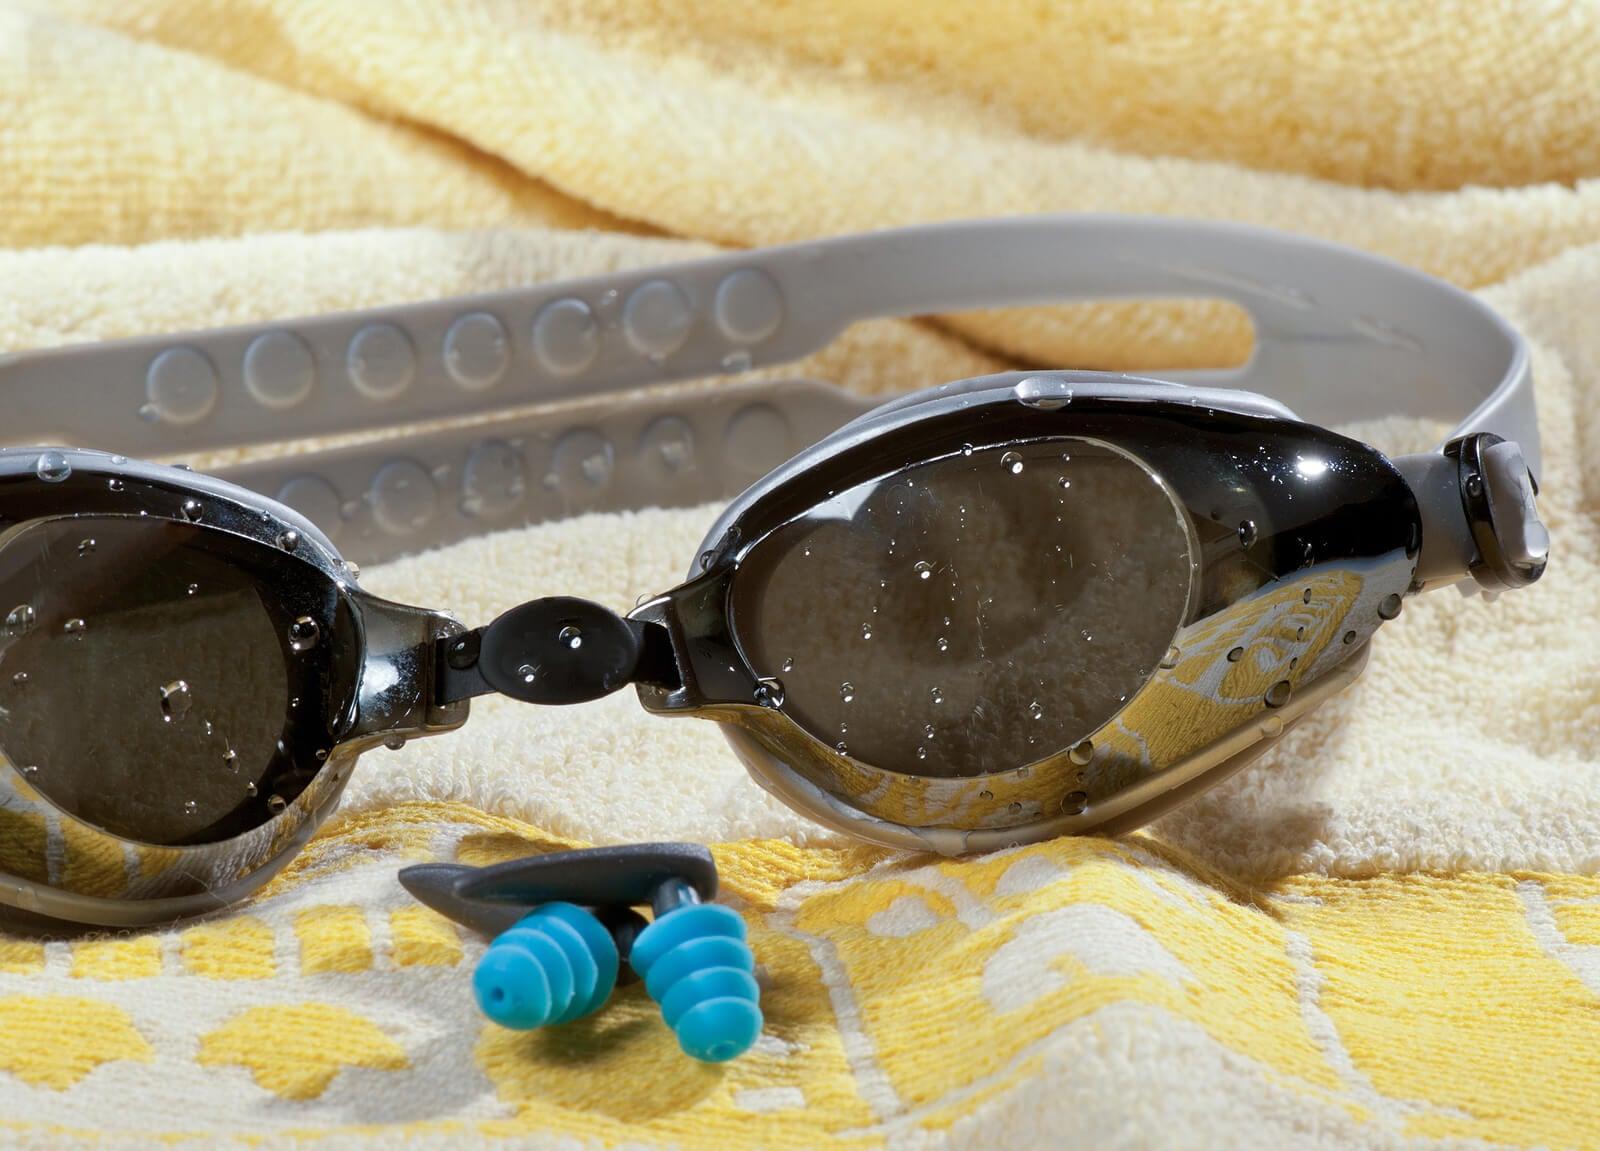 Gafas y tapones de oídos para protegerse al nadar.